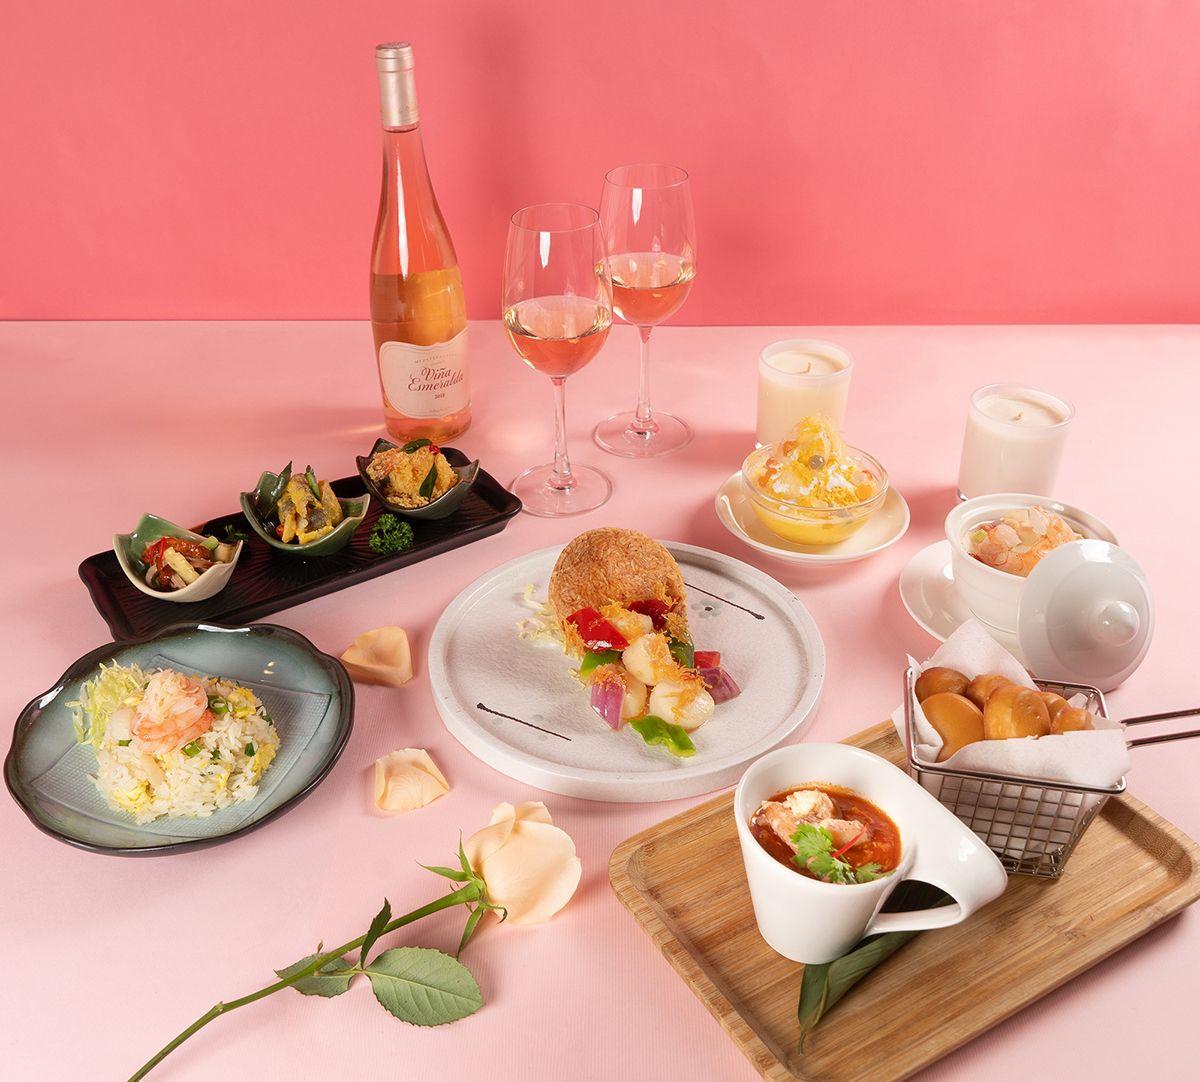 珍寶海鮮推出六道式西洋情人節套餐!珍寶獲獎辣椒蟹佐Perrier Jouet Grand Brut !「蟹蟹」陪情人們優雅過節